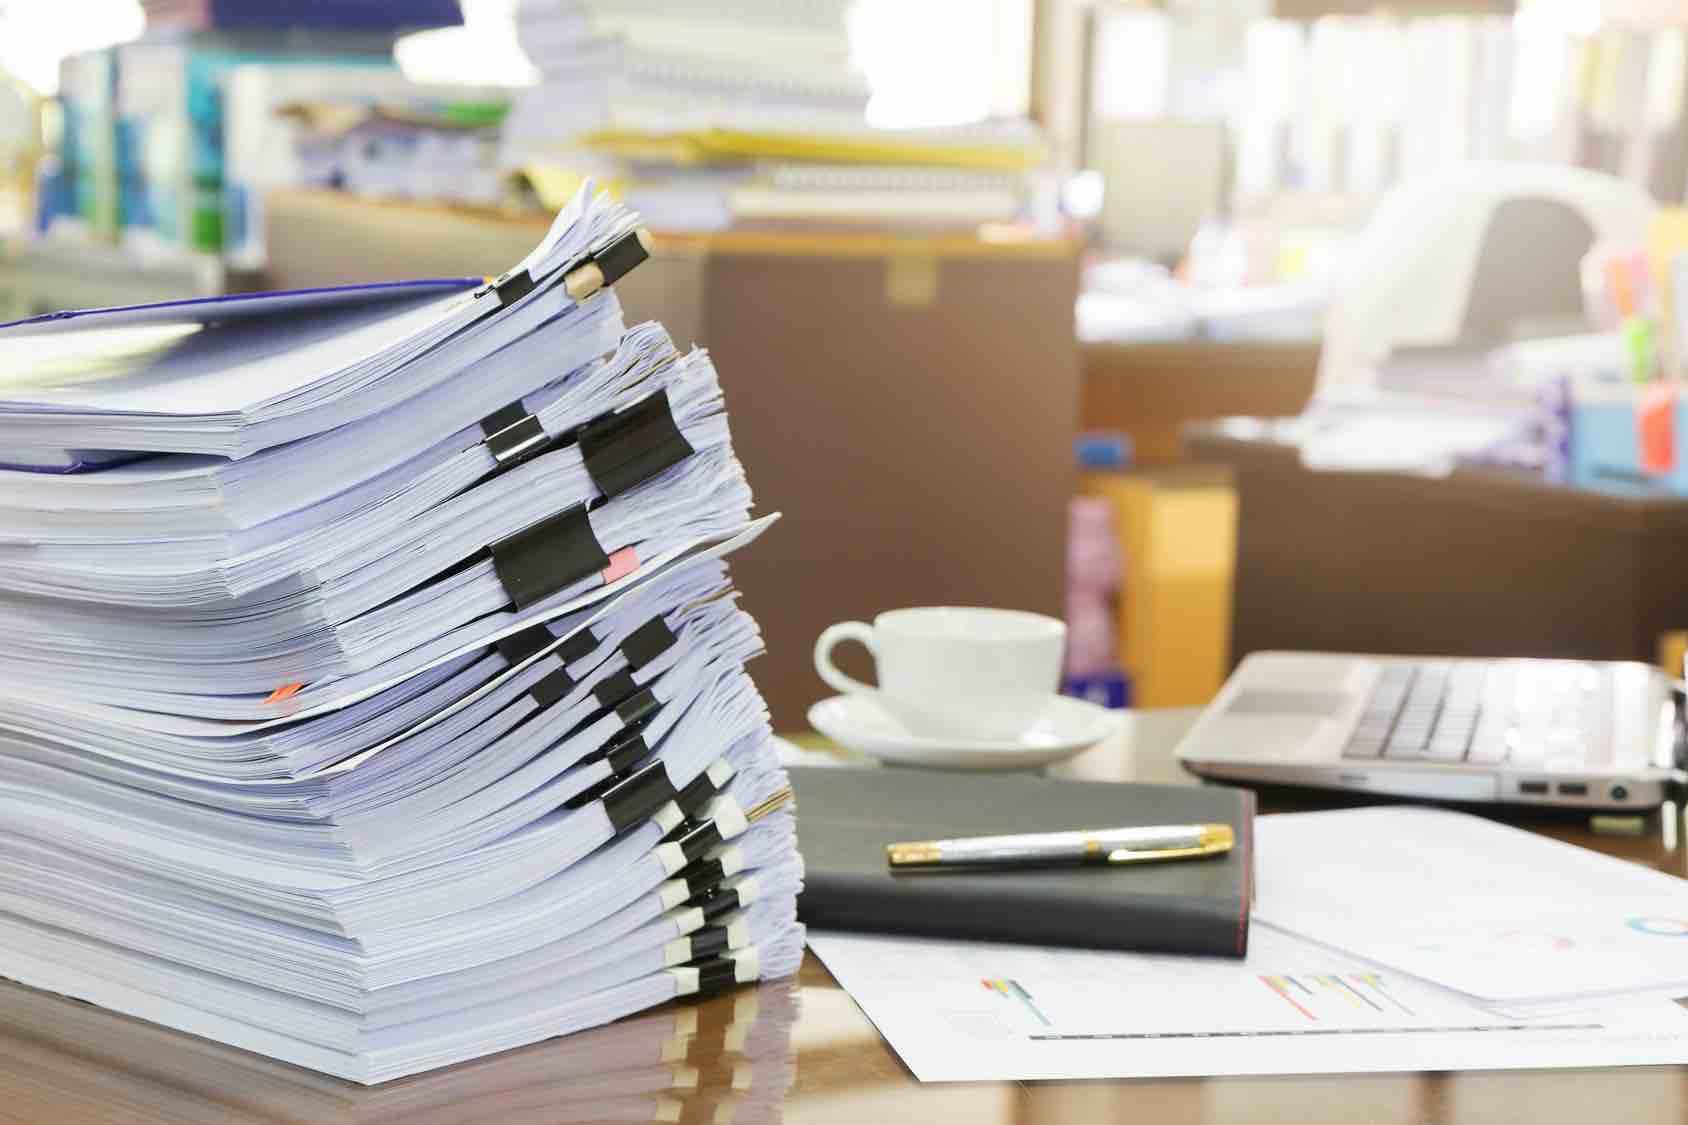 Утверждено постановление Правительства по одобрению законопроекта в части предоставления лицензий предприятиям с государственной долей участия